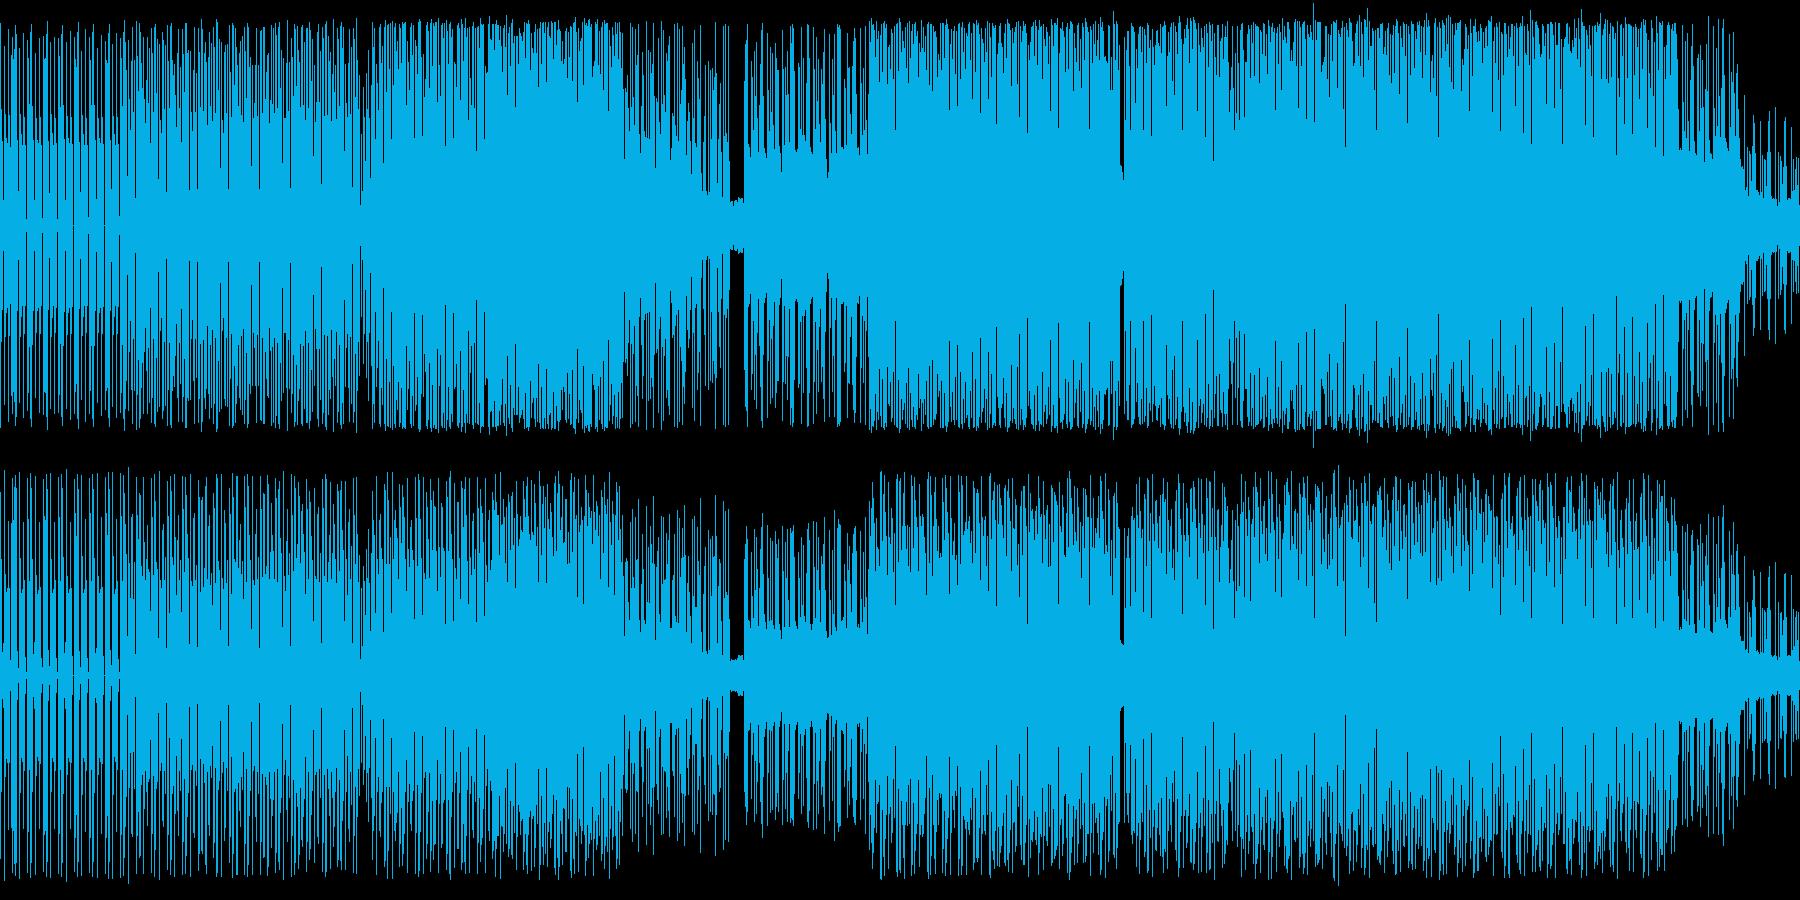 テクノ。部族とアンビエント。の再生済みの波形